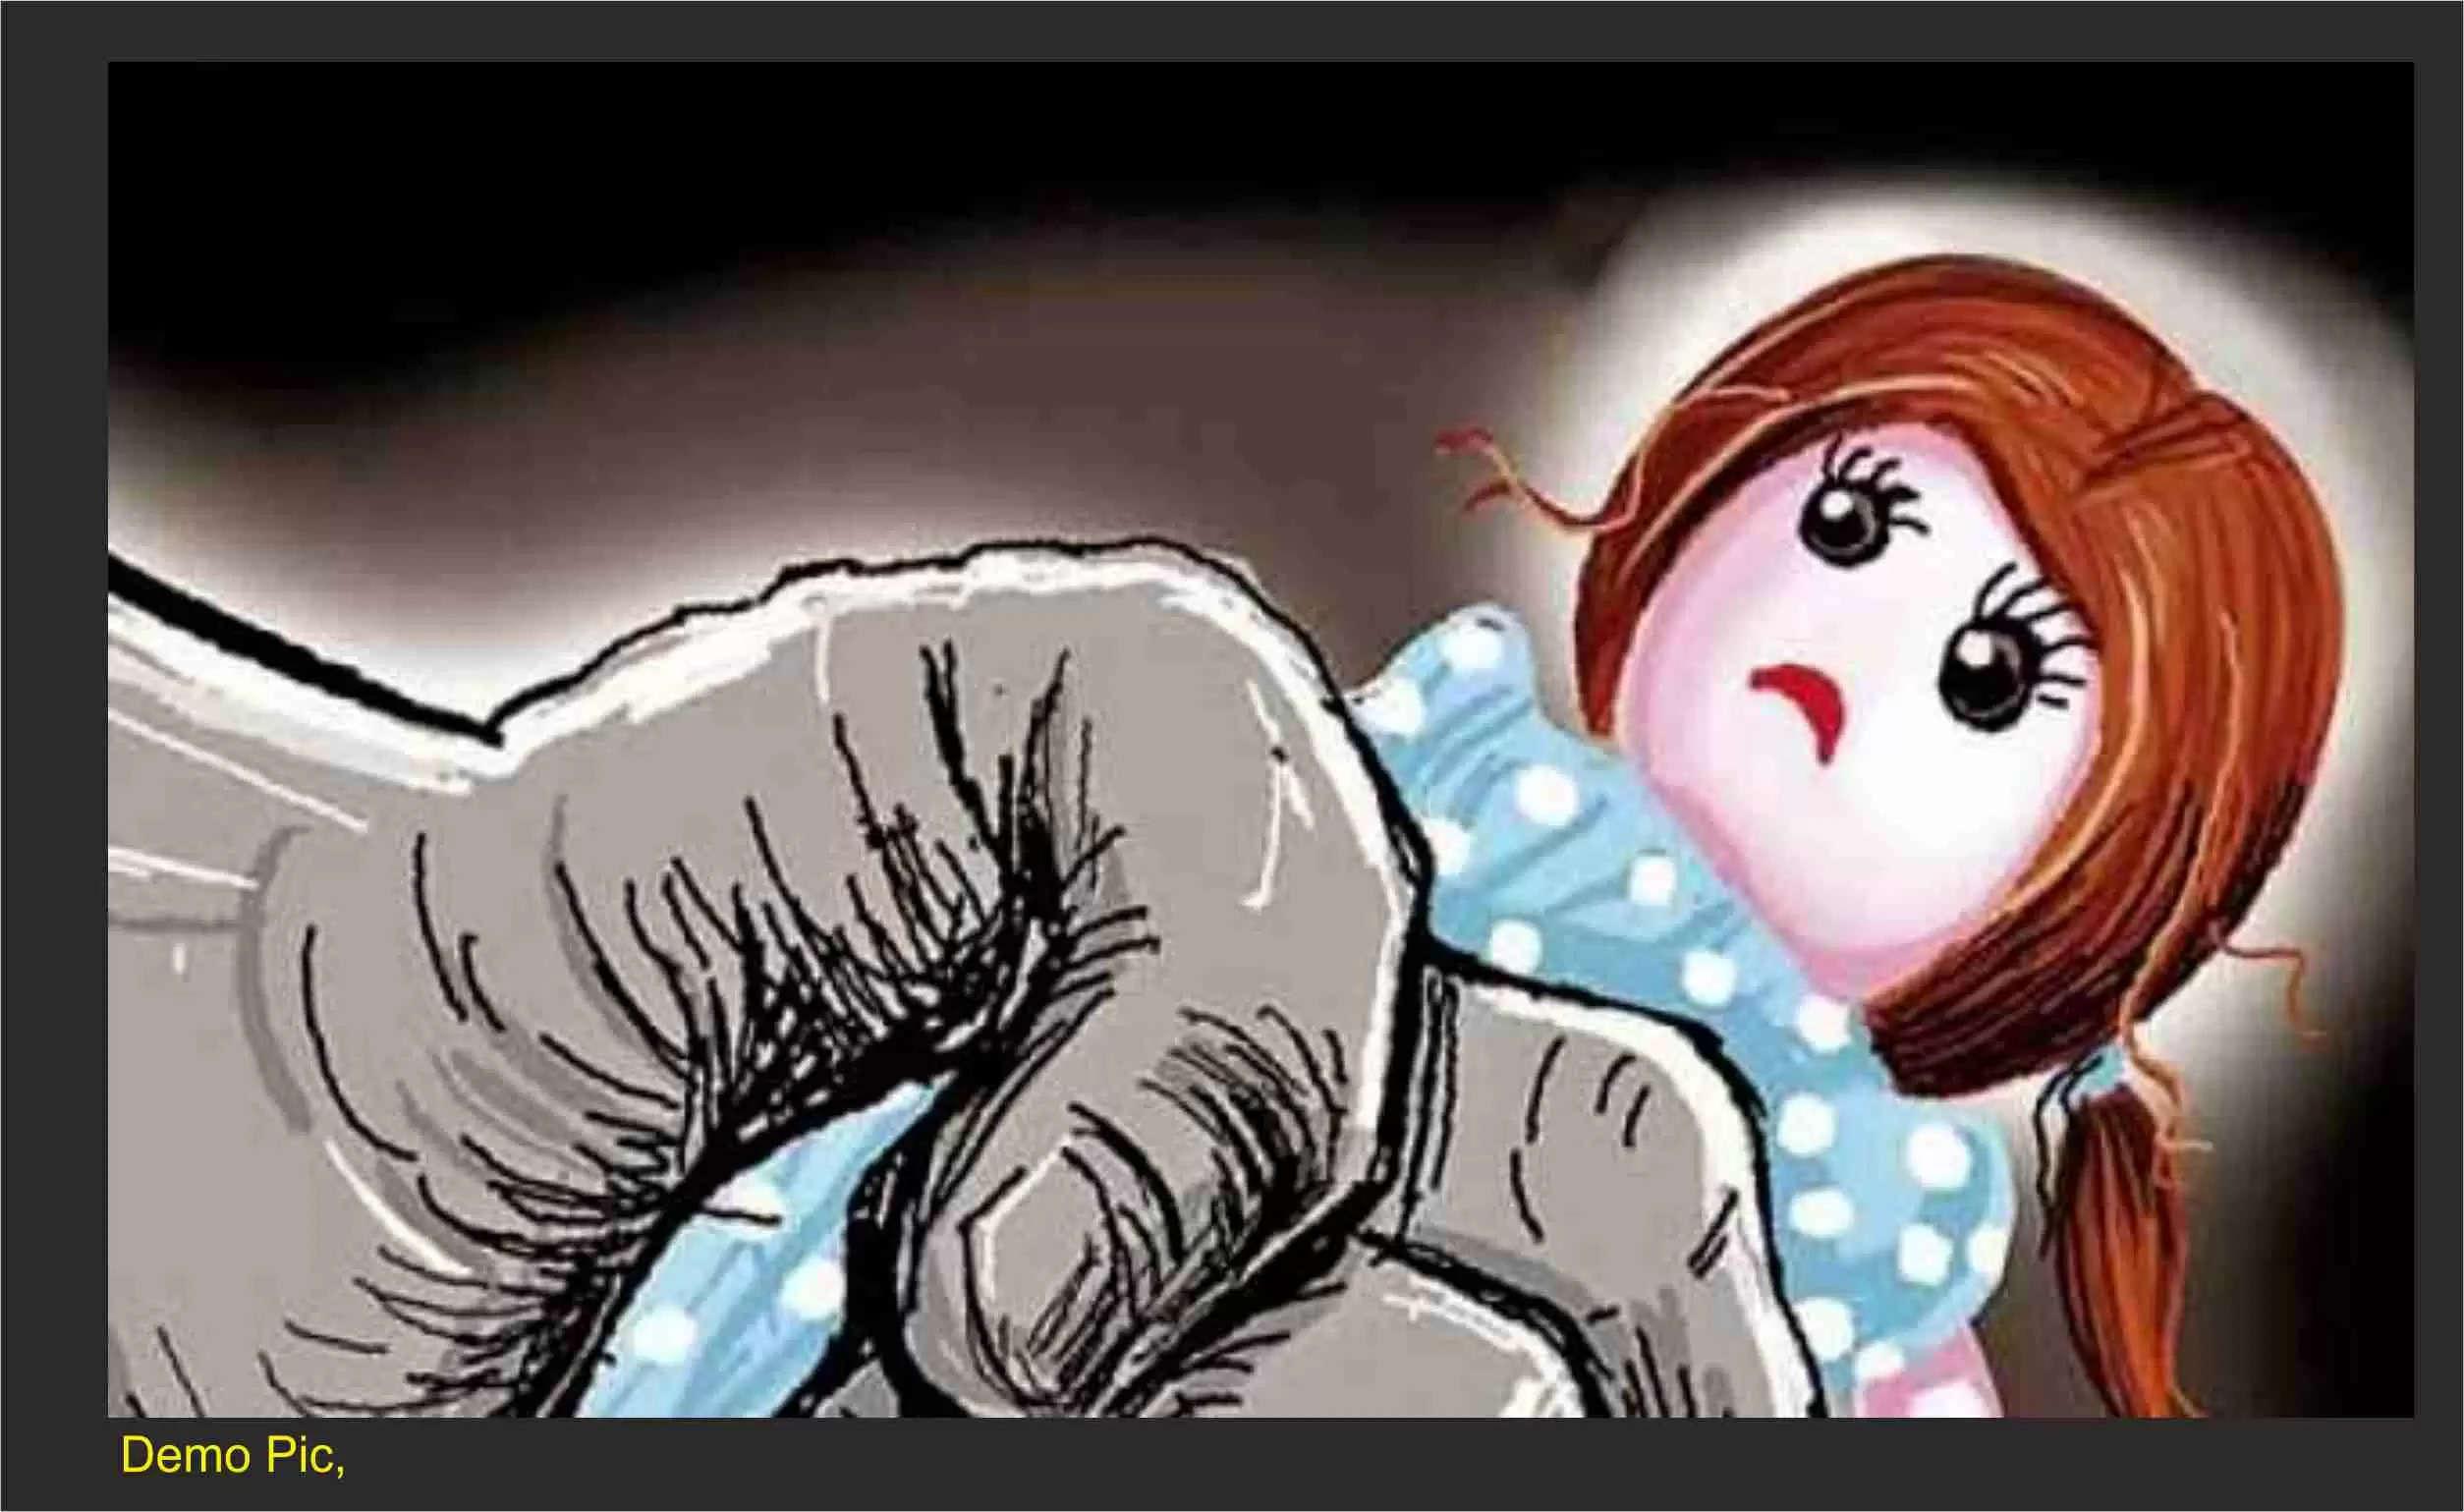 UP News : मासूम ने मां-बहन की घिनौनी करतूत का किया राजफाश,सुनने वालों के पांव तले से खिसक गईजमीन